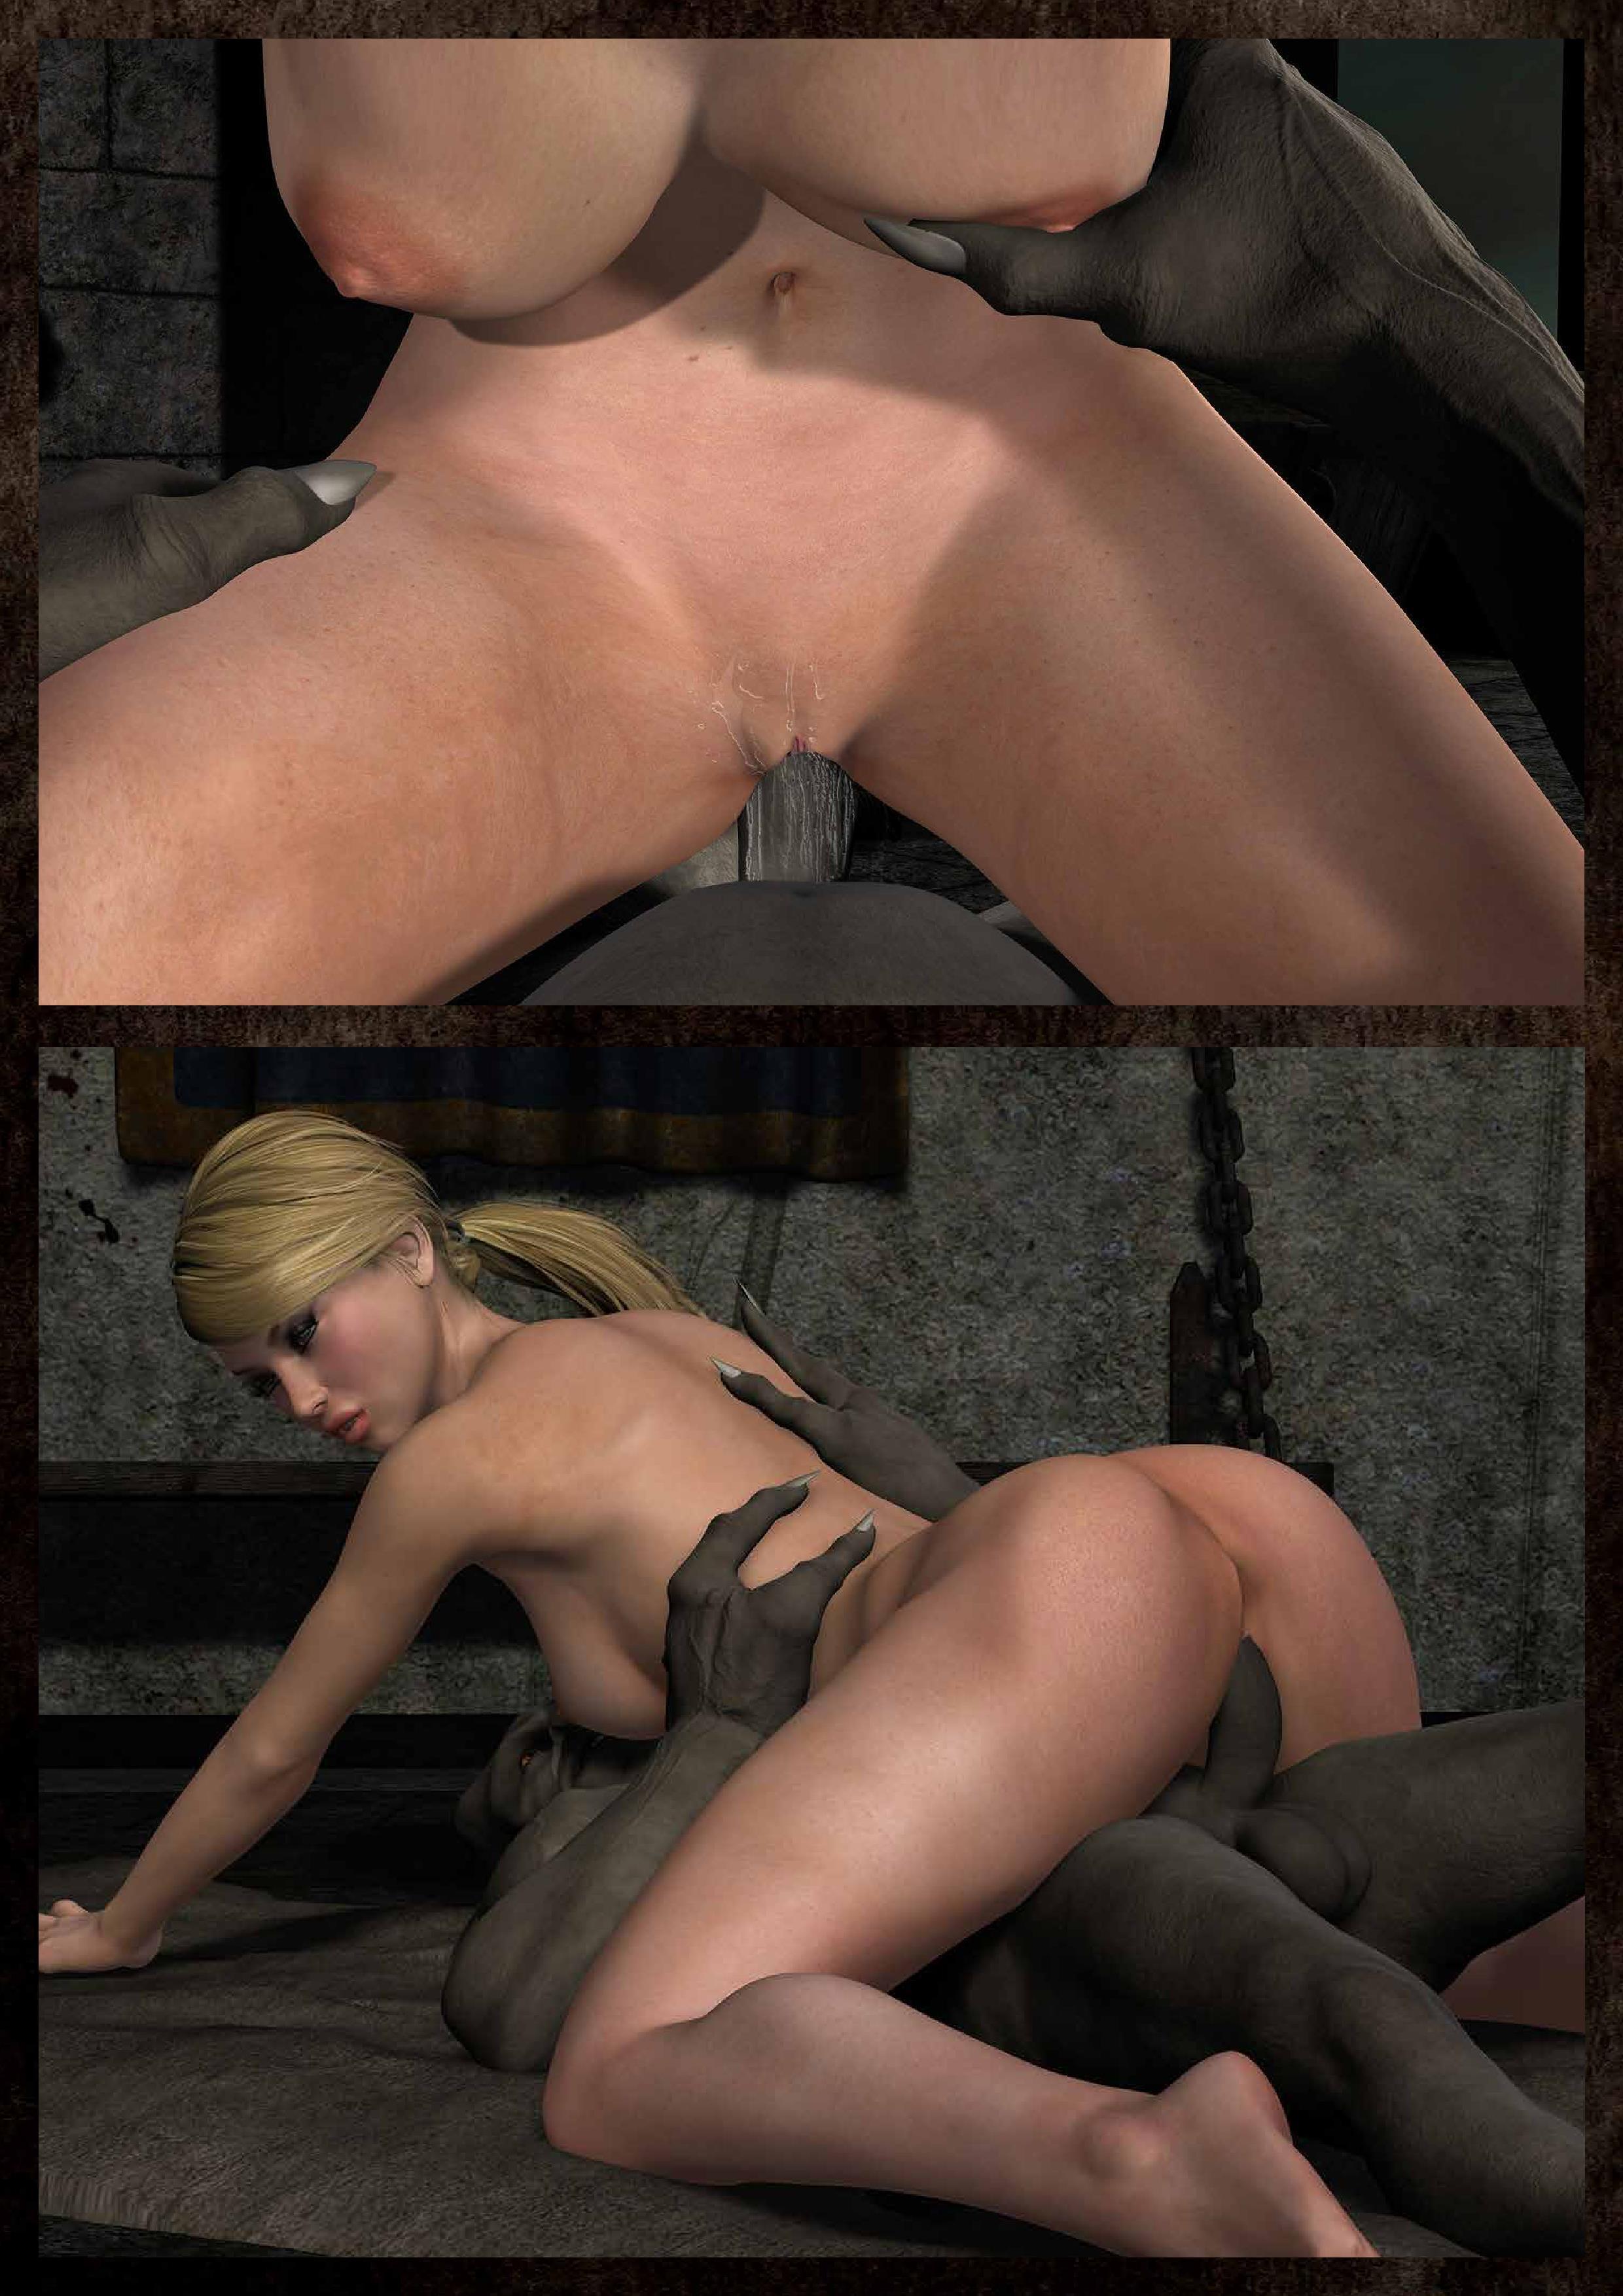 Free uncensored 3d fuck videos hentai scene